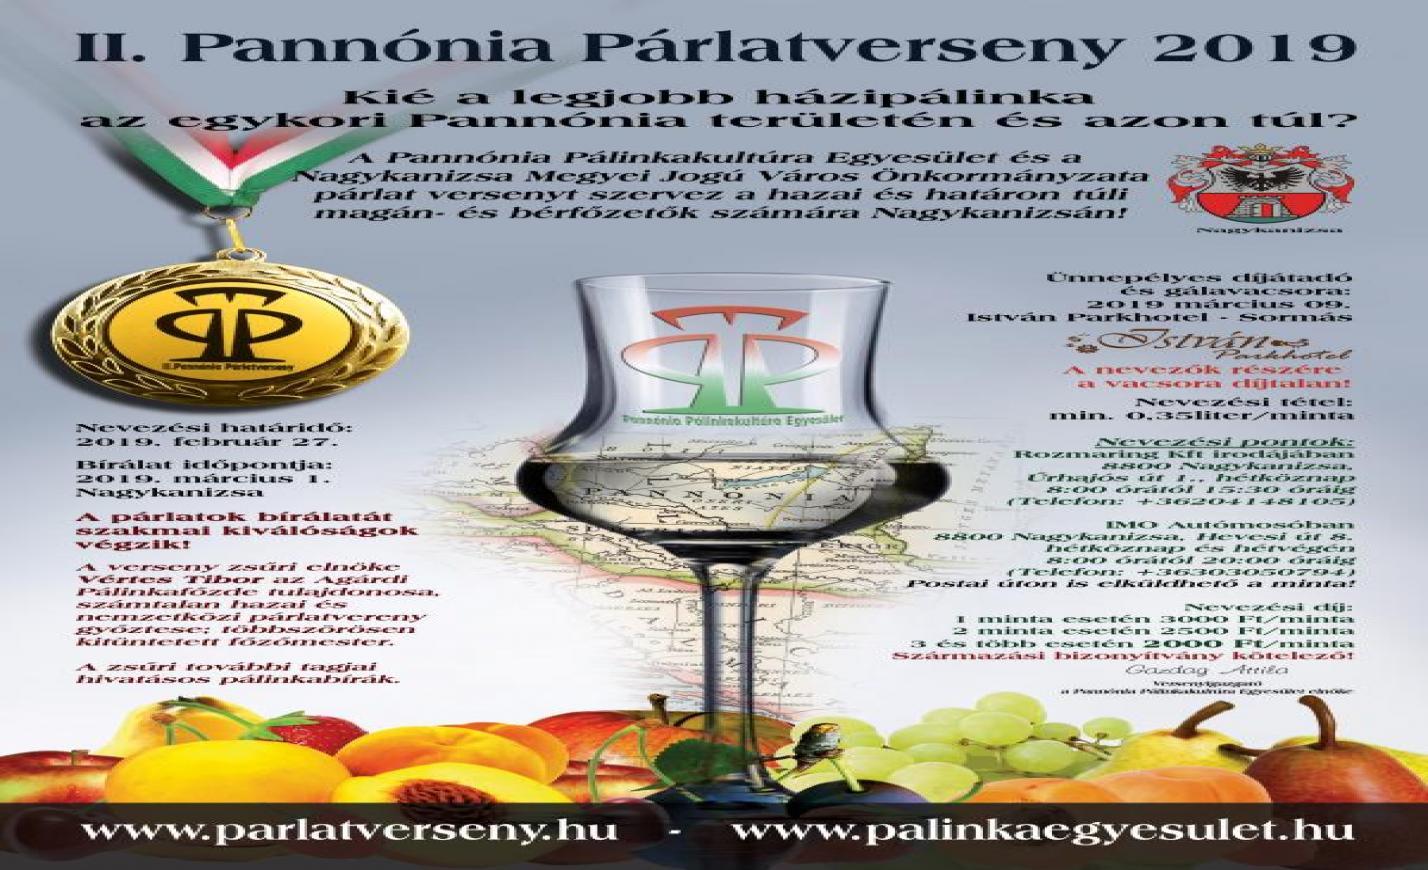 II. Pannónia Pálinkaverseny 2019